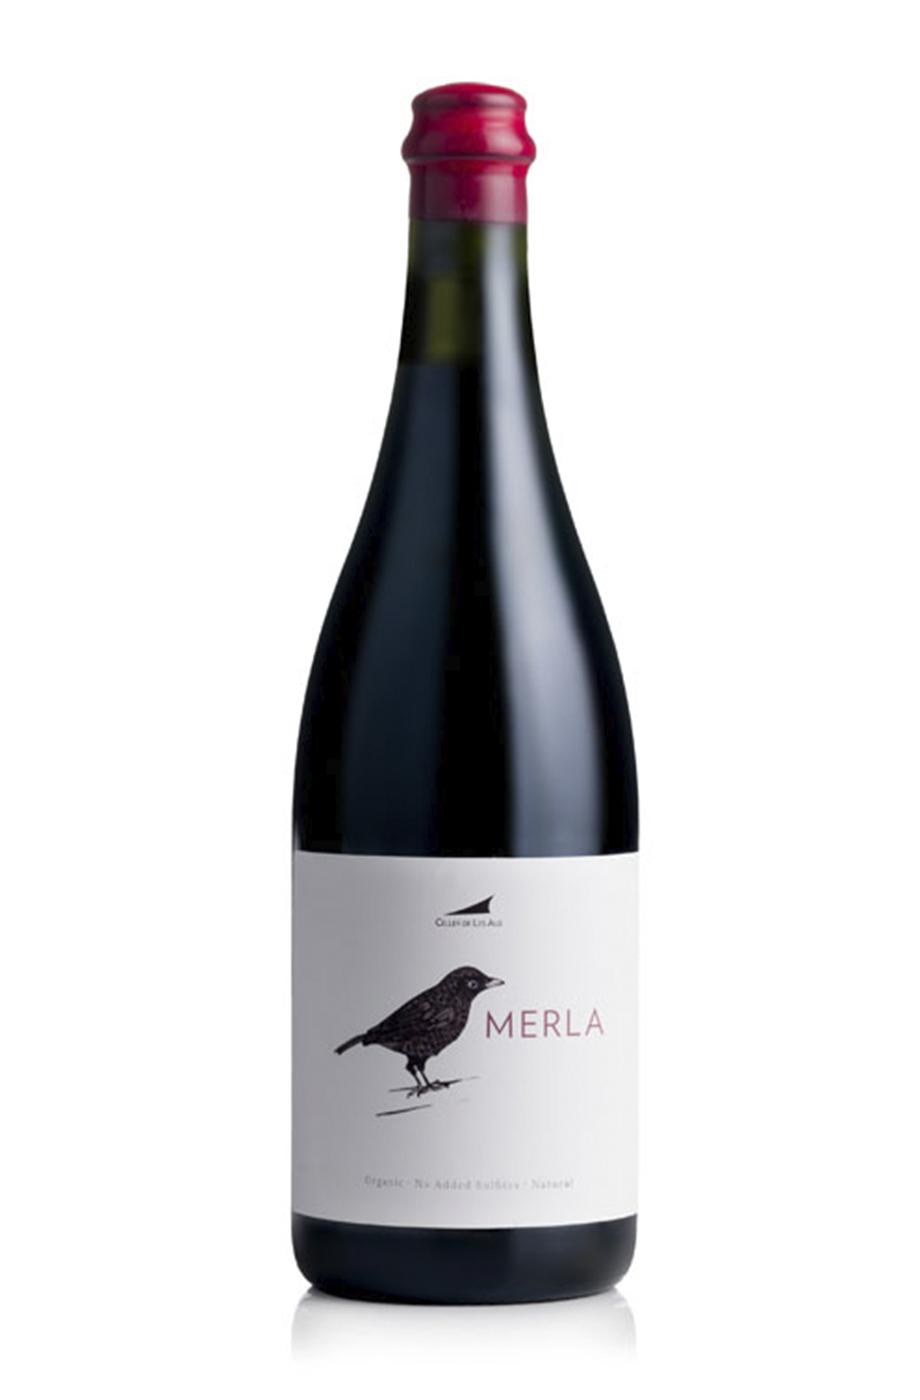 AA Merla | Celler de Les Aus - Winexfood